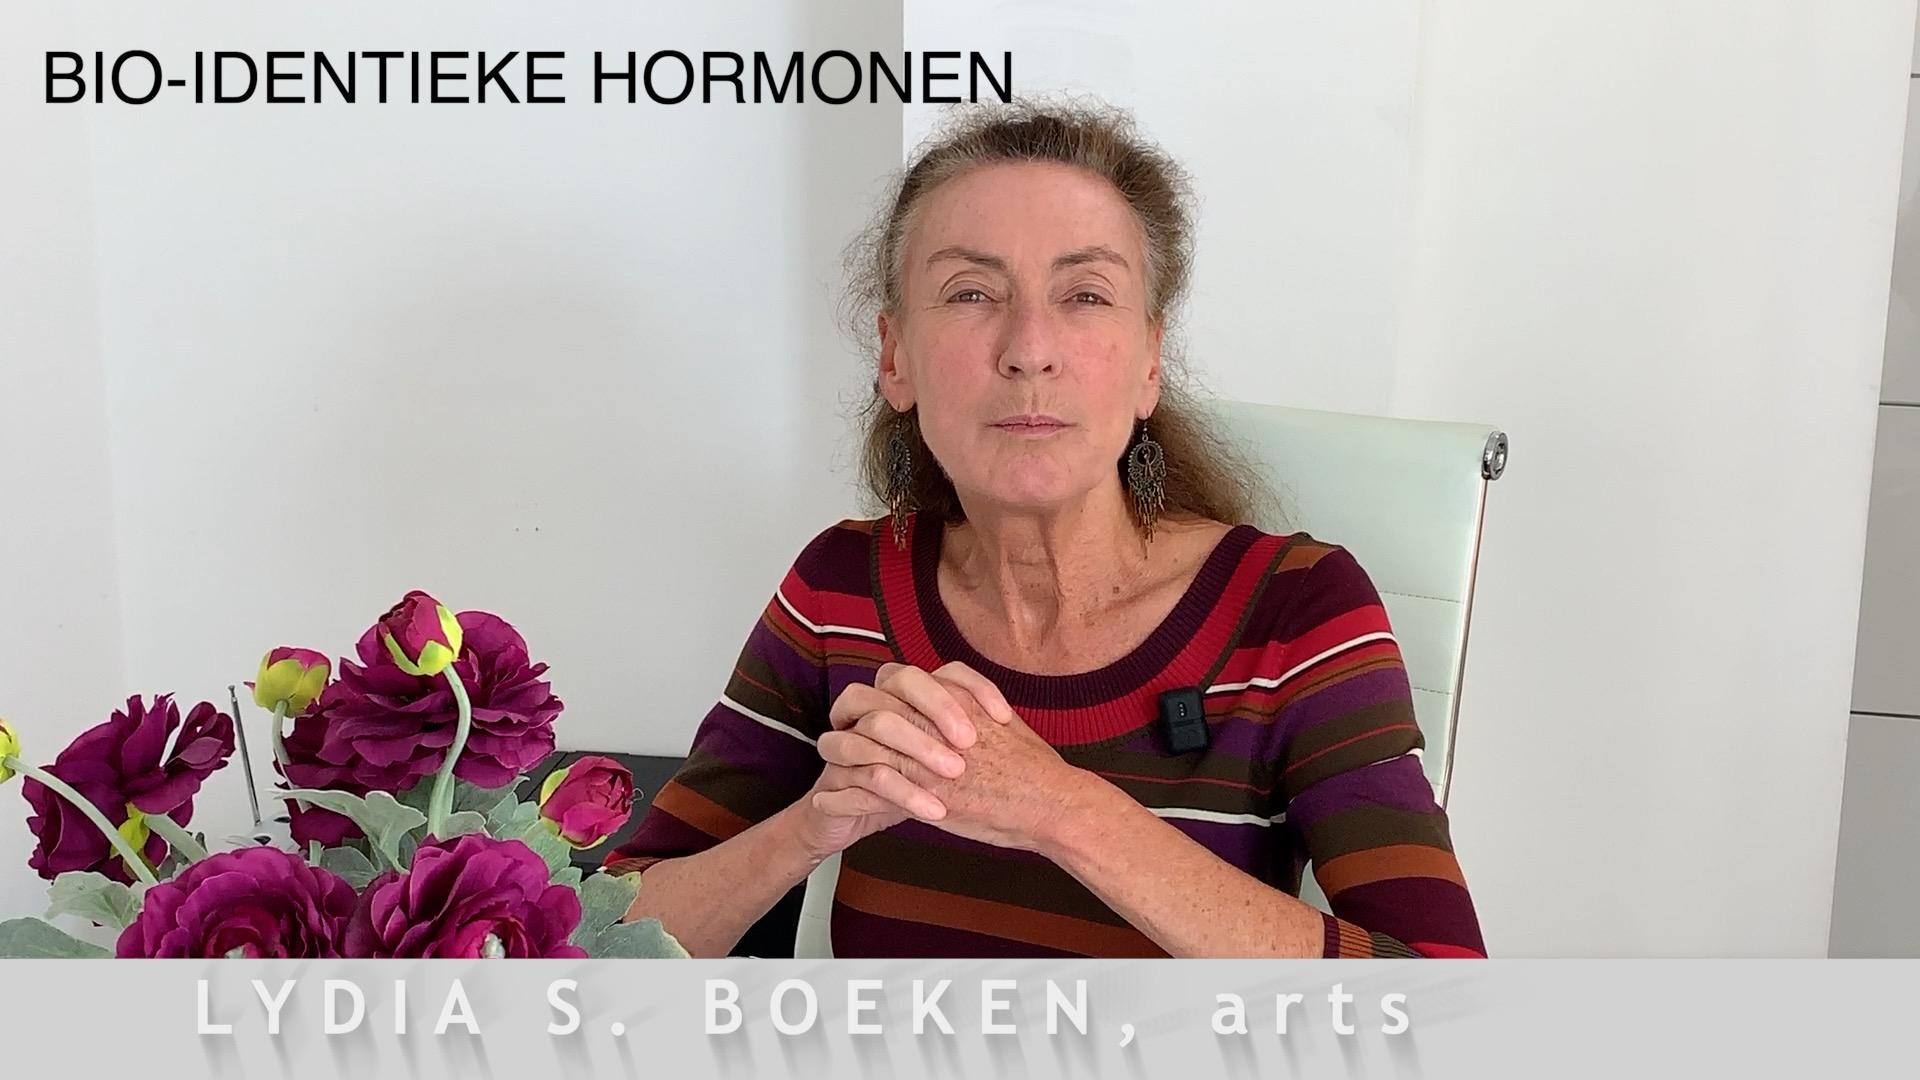 Bioidentieke Hormonen Lydia Boeken, arts